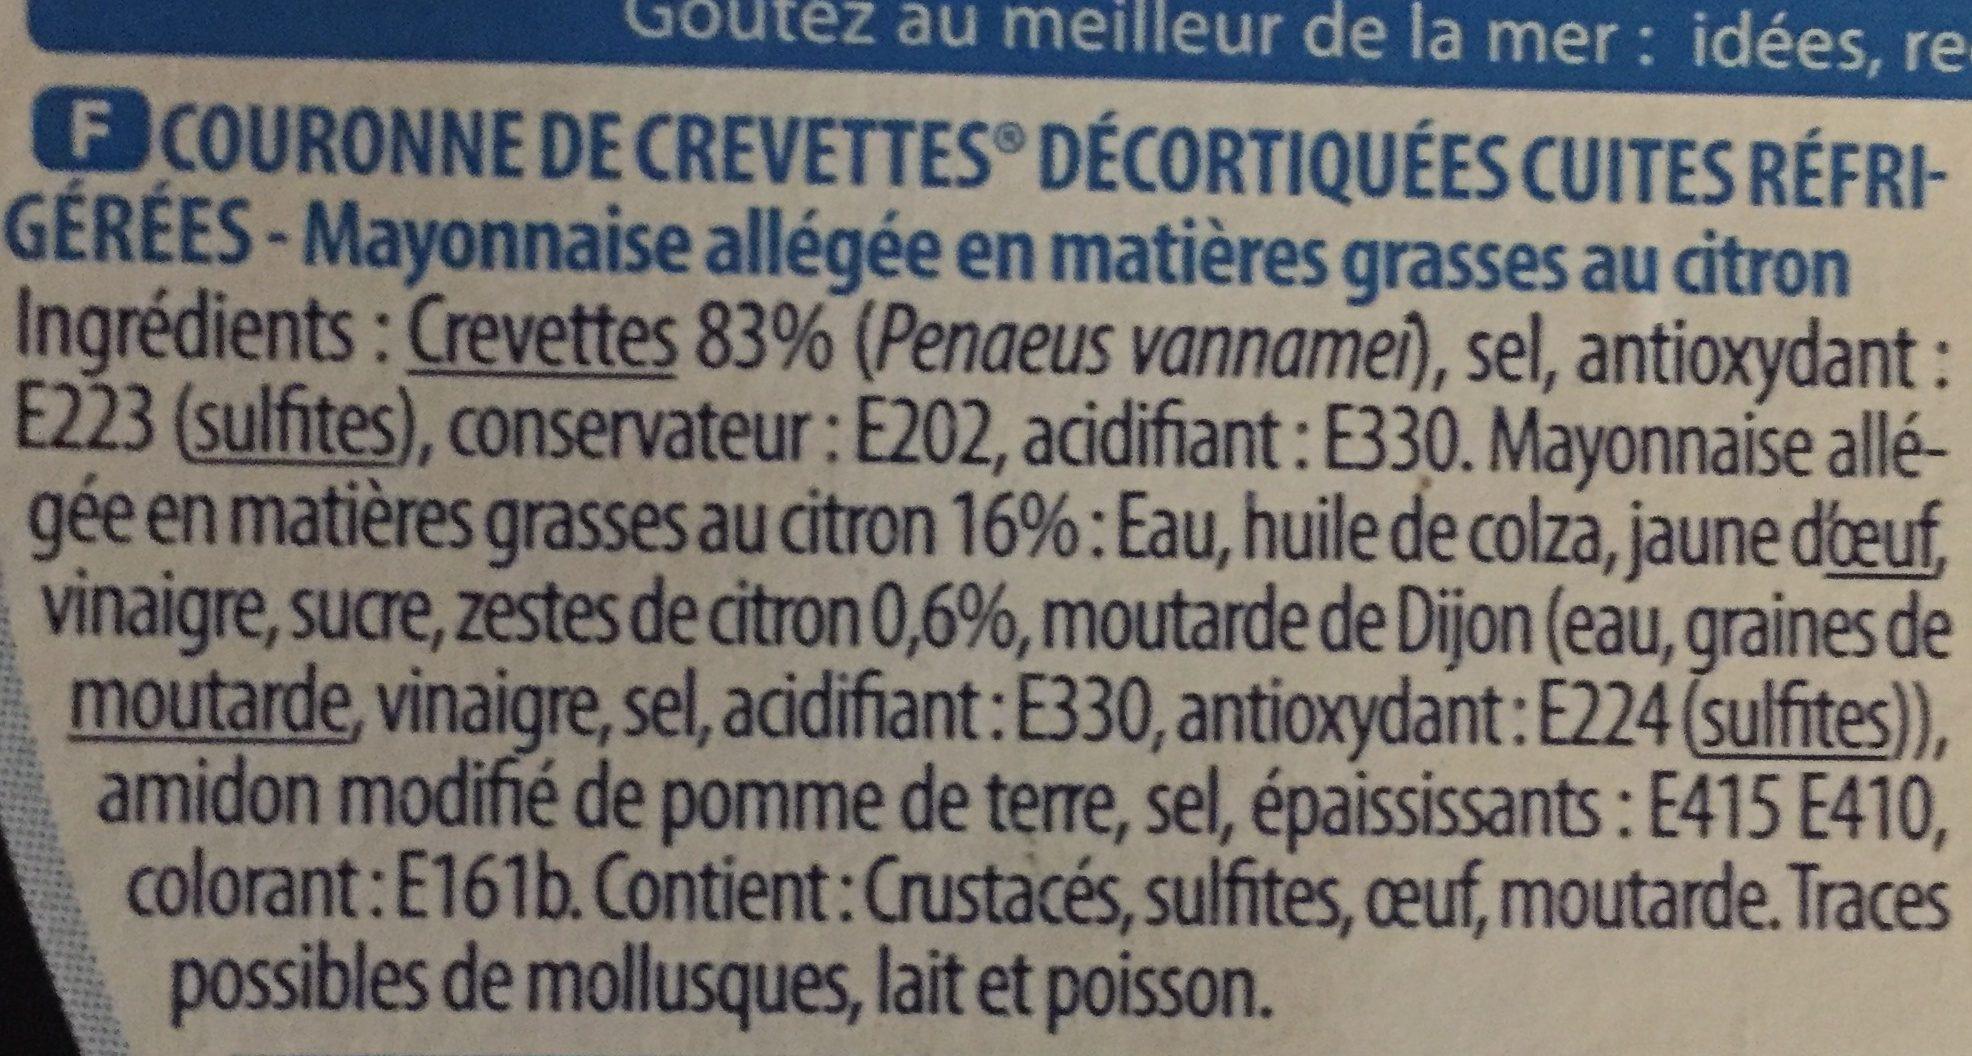 Couronne de Crevettes - Ingrediënten - fr